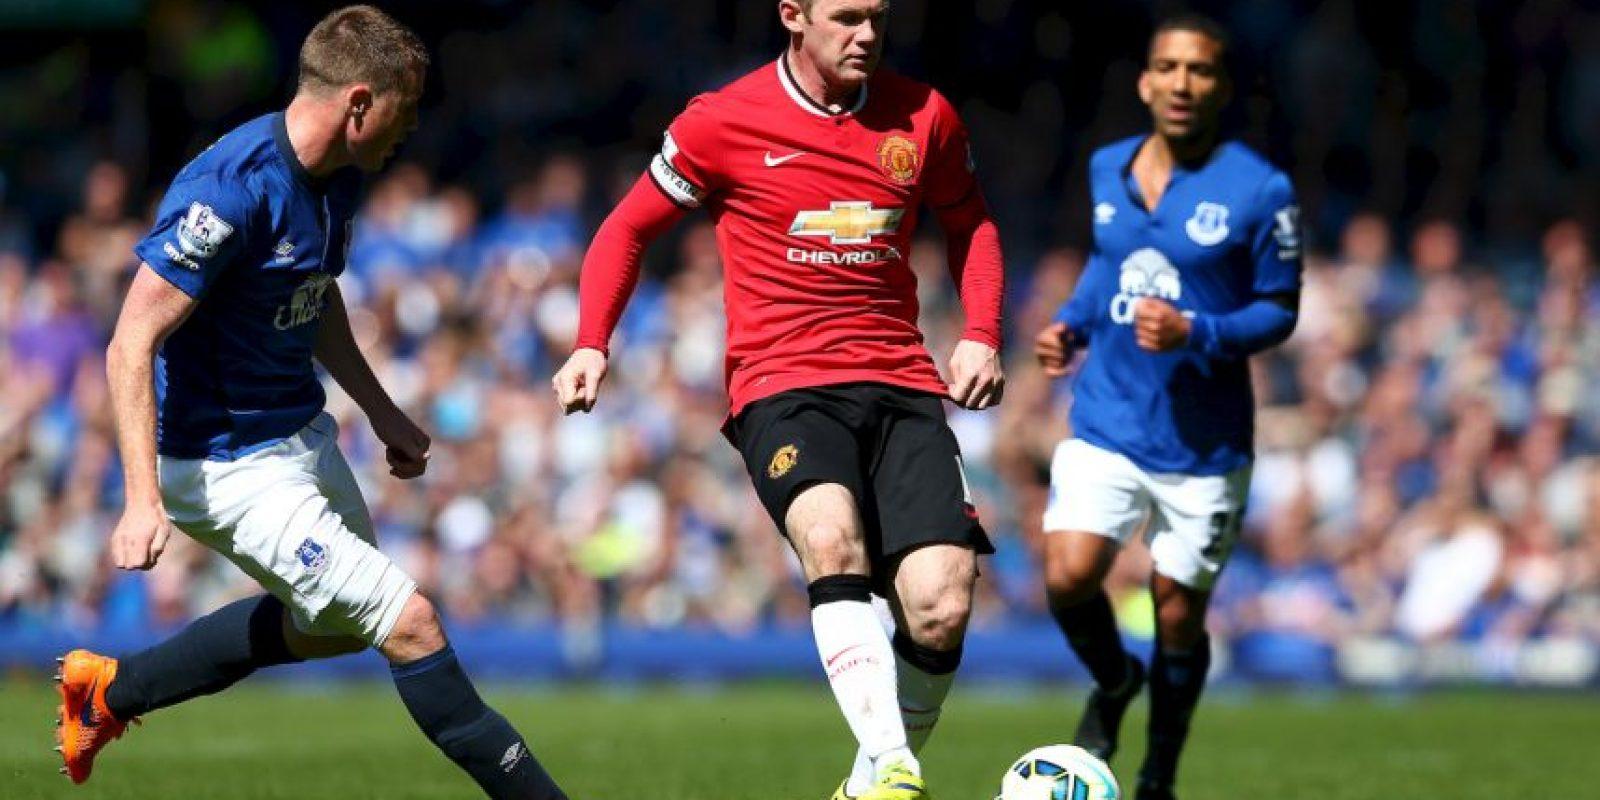 5. Everton vs. Manchester United (Premier League) Foto:Getty Images